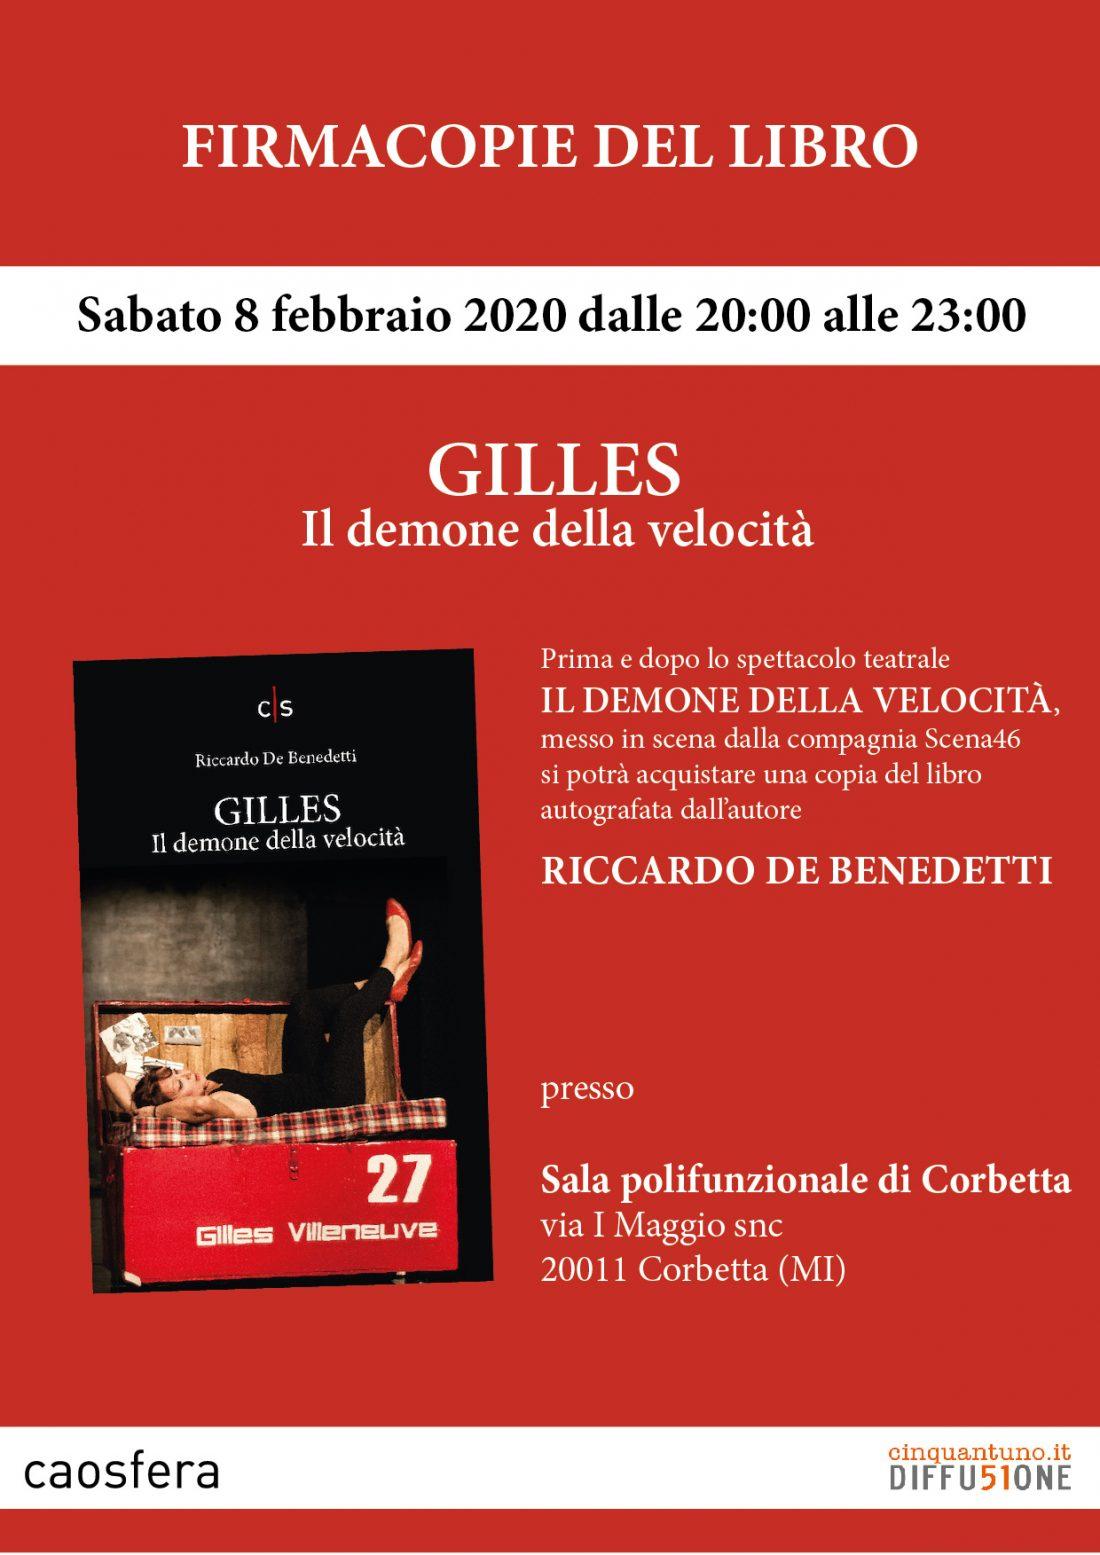 """Firmacopie del libro """"Gilles. Il demone della velocità"""" di Riccardo De Benedetti"""